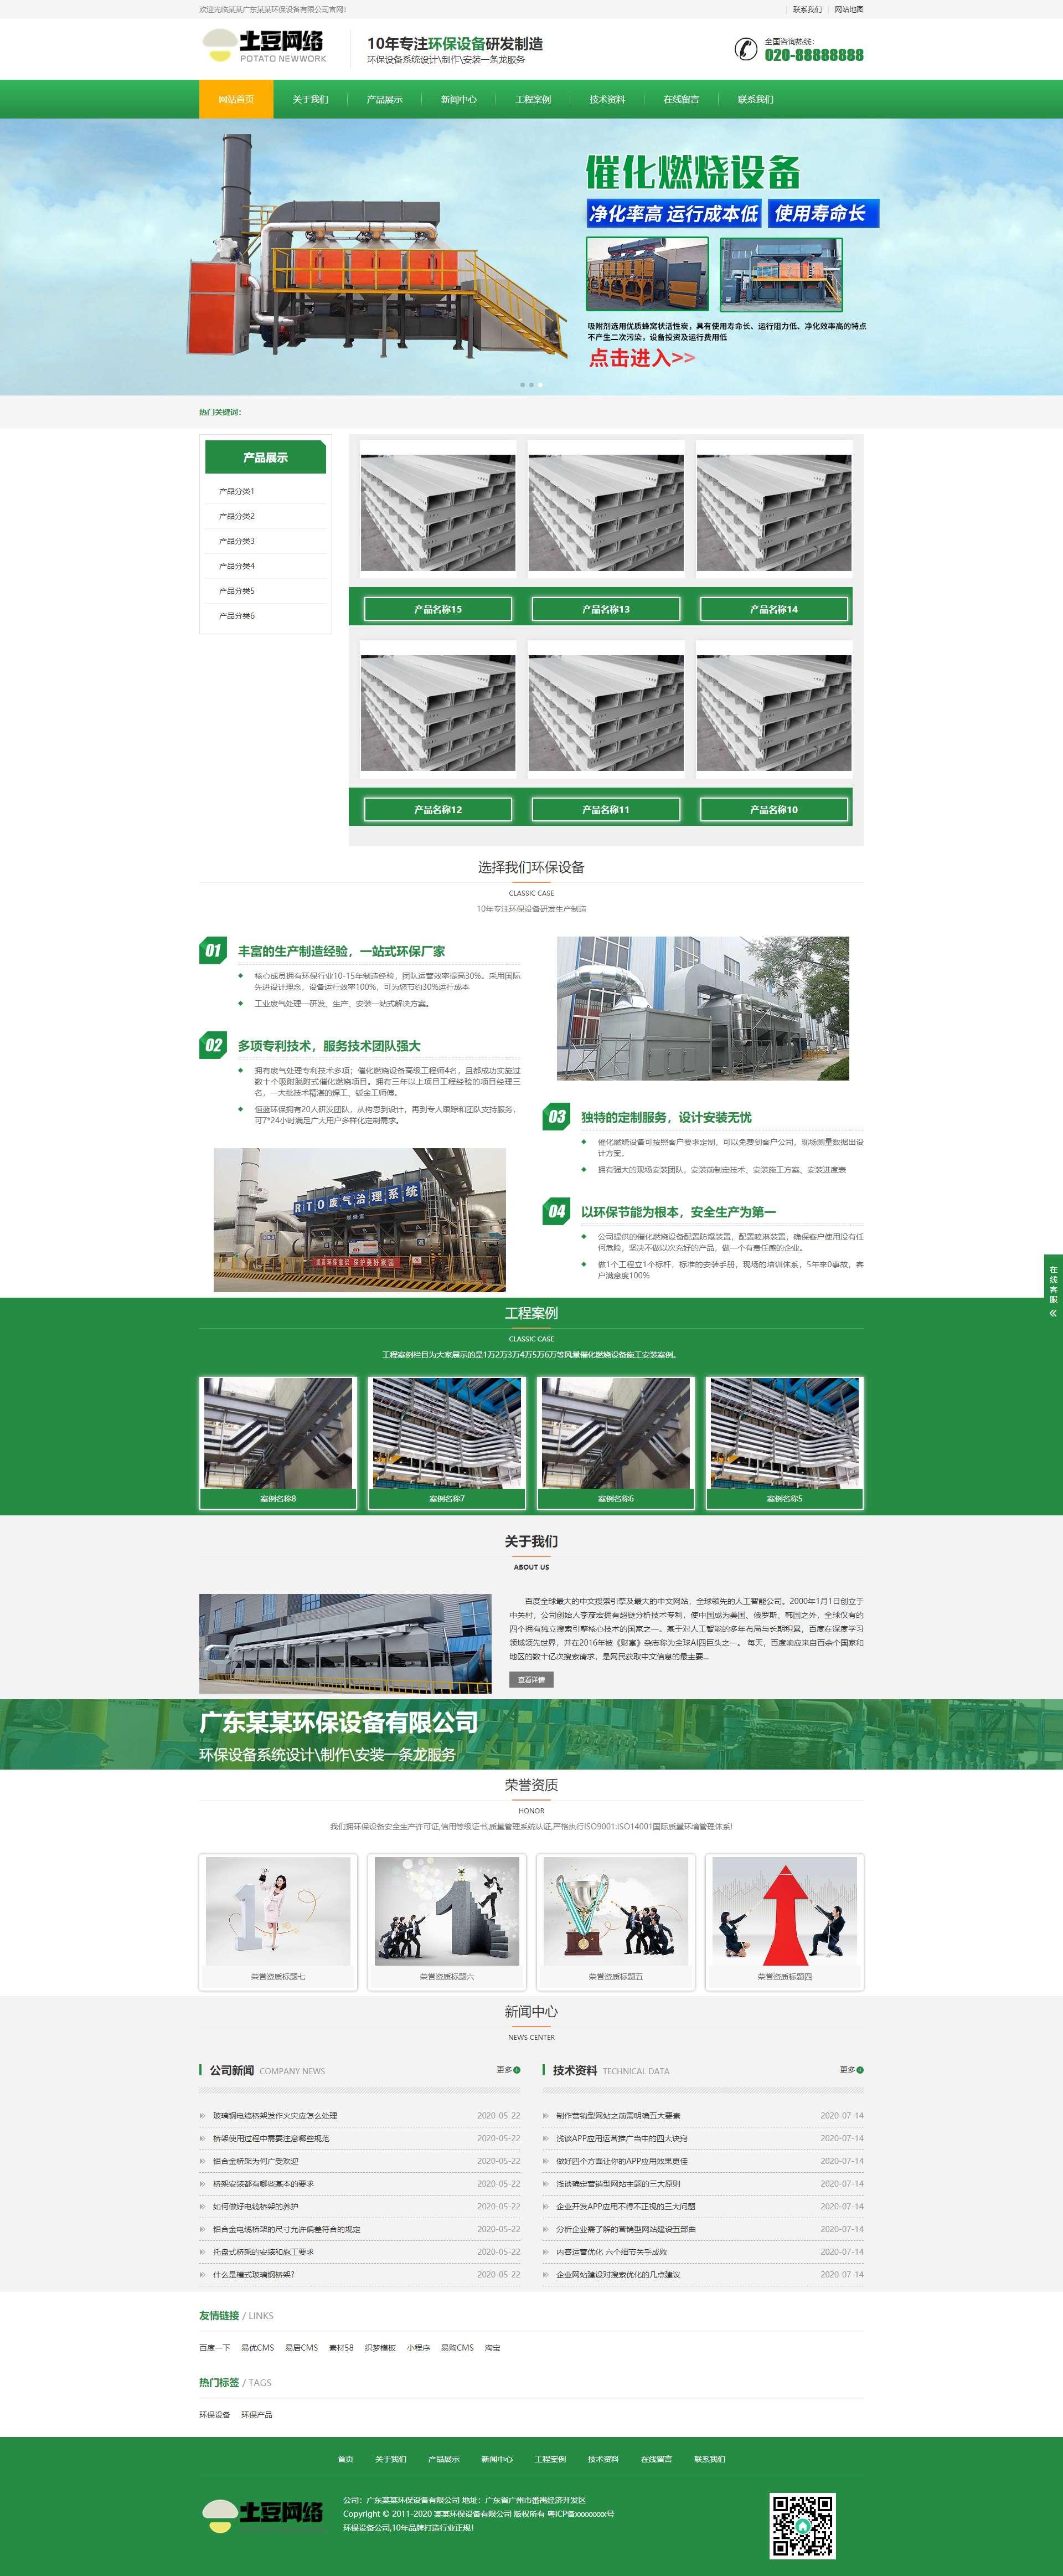 大气响应式营销型环保设备科技类网站织梦模板